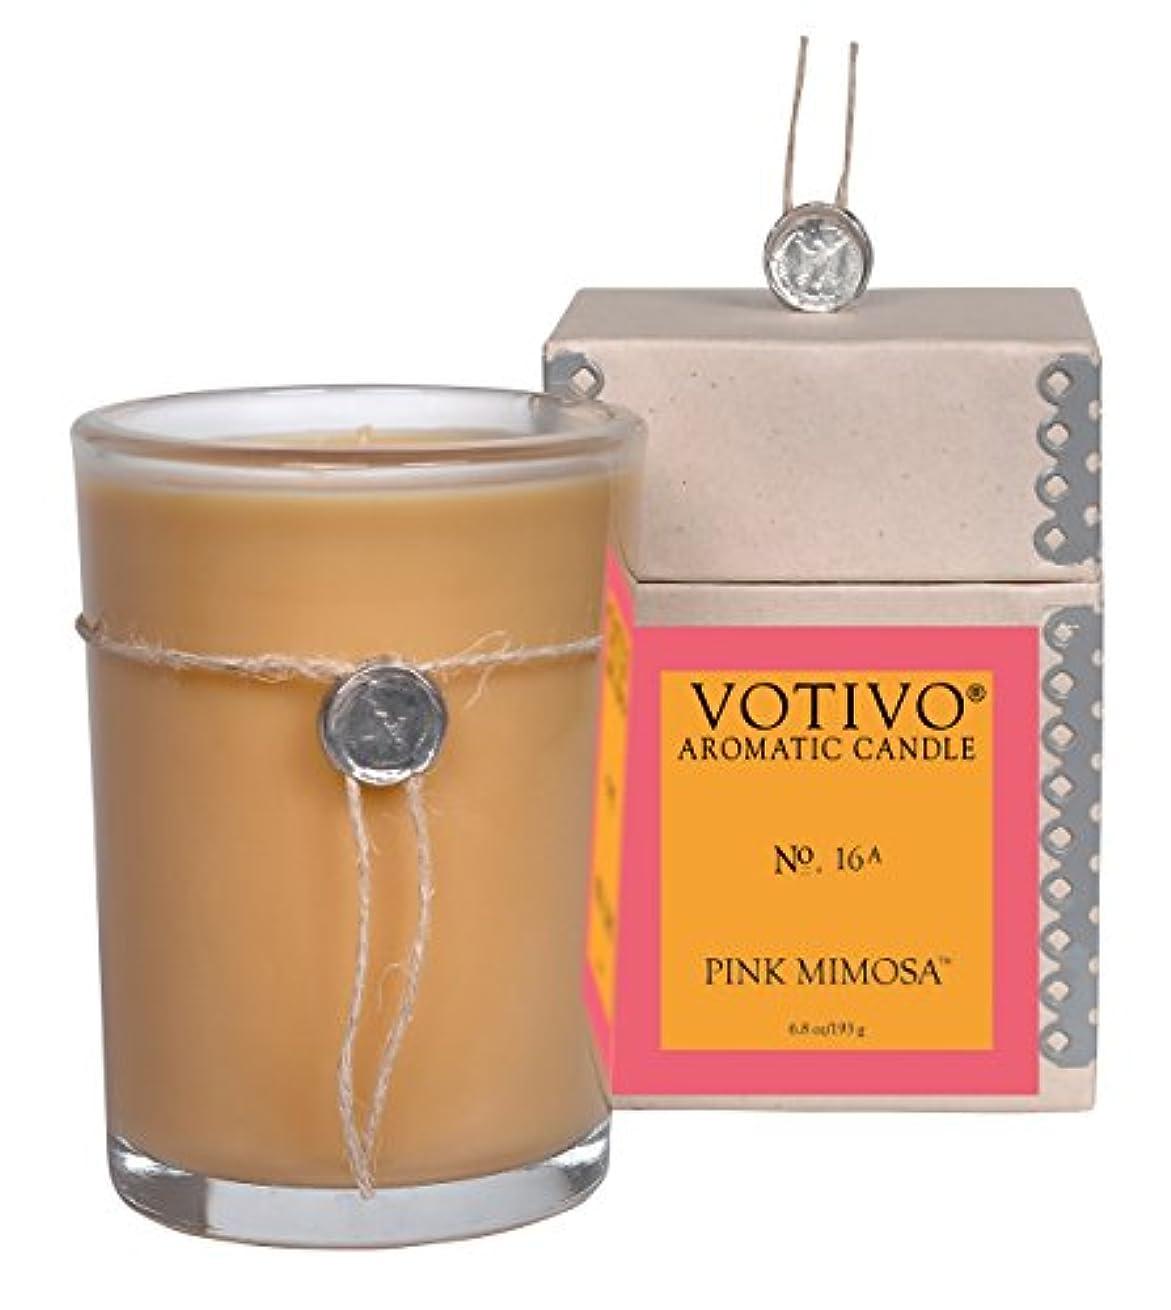 夜明け低下バスルームVOTIVO アロマティック グラスキャンドル ピンクミモザ